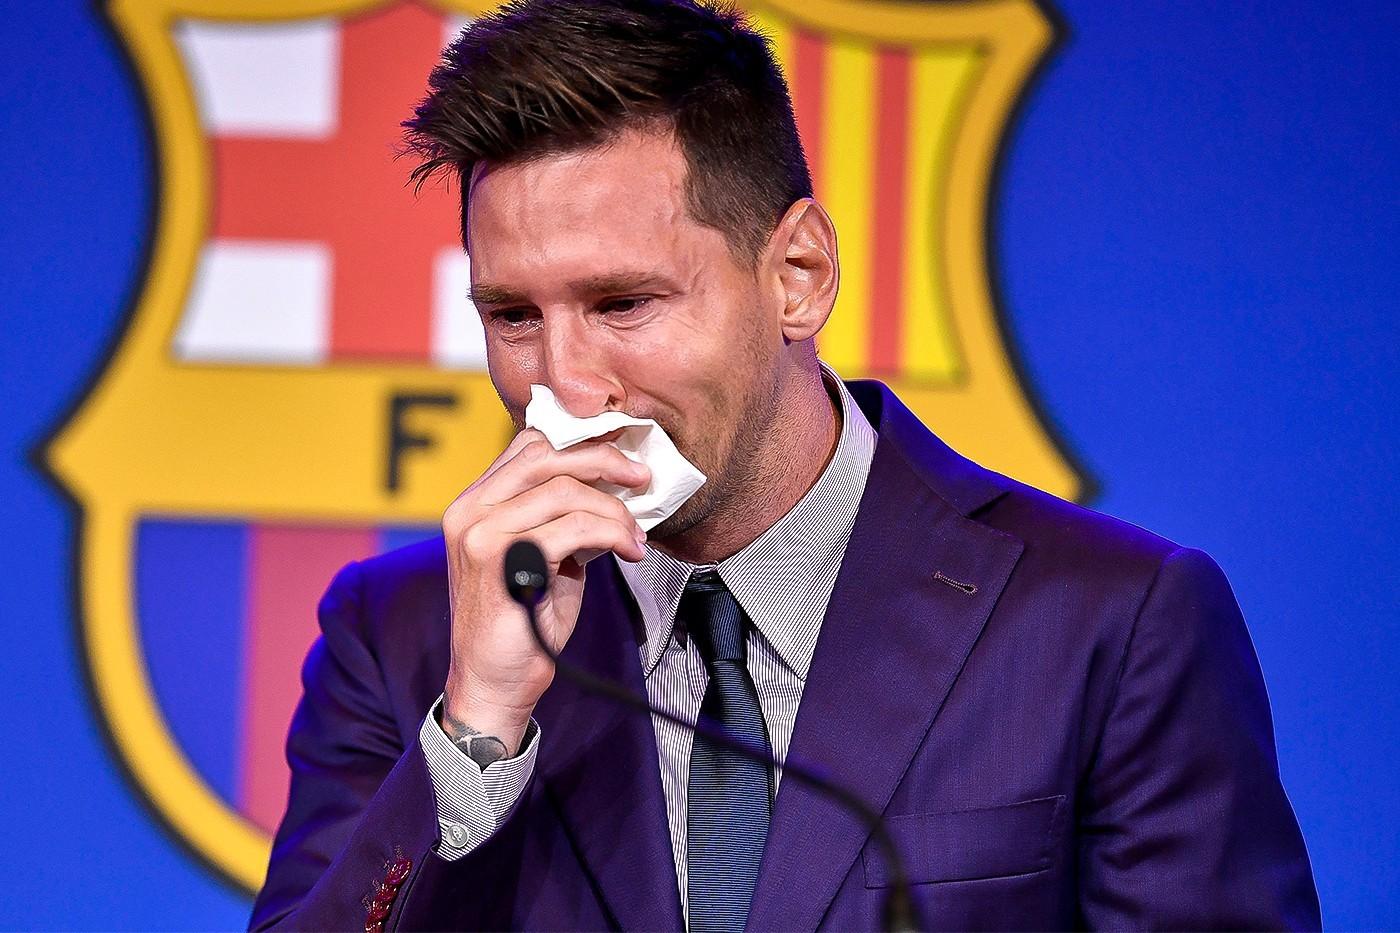 Một người bán giấu tên tuyên bố đã lấy được chiếc khăn giấy mà Messi sử dụng trong buổi họp báo và đưa nó lên mạng đấu giá